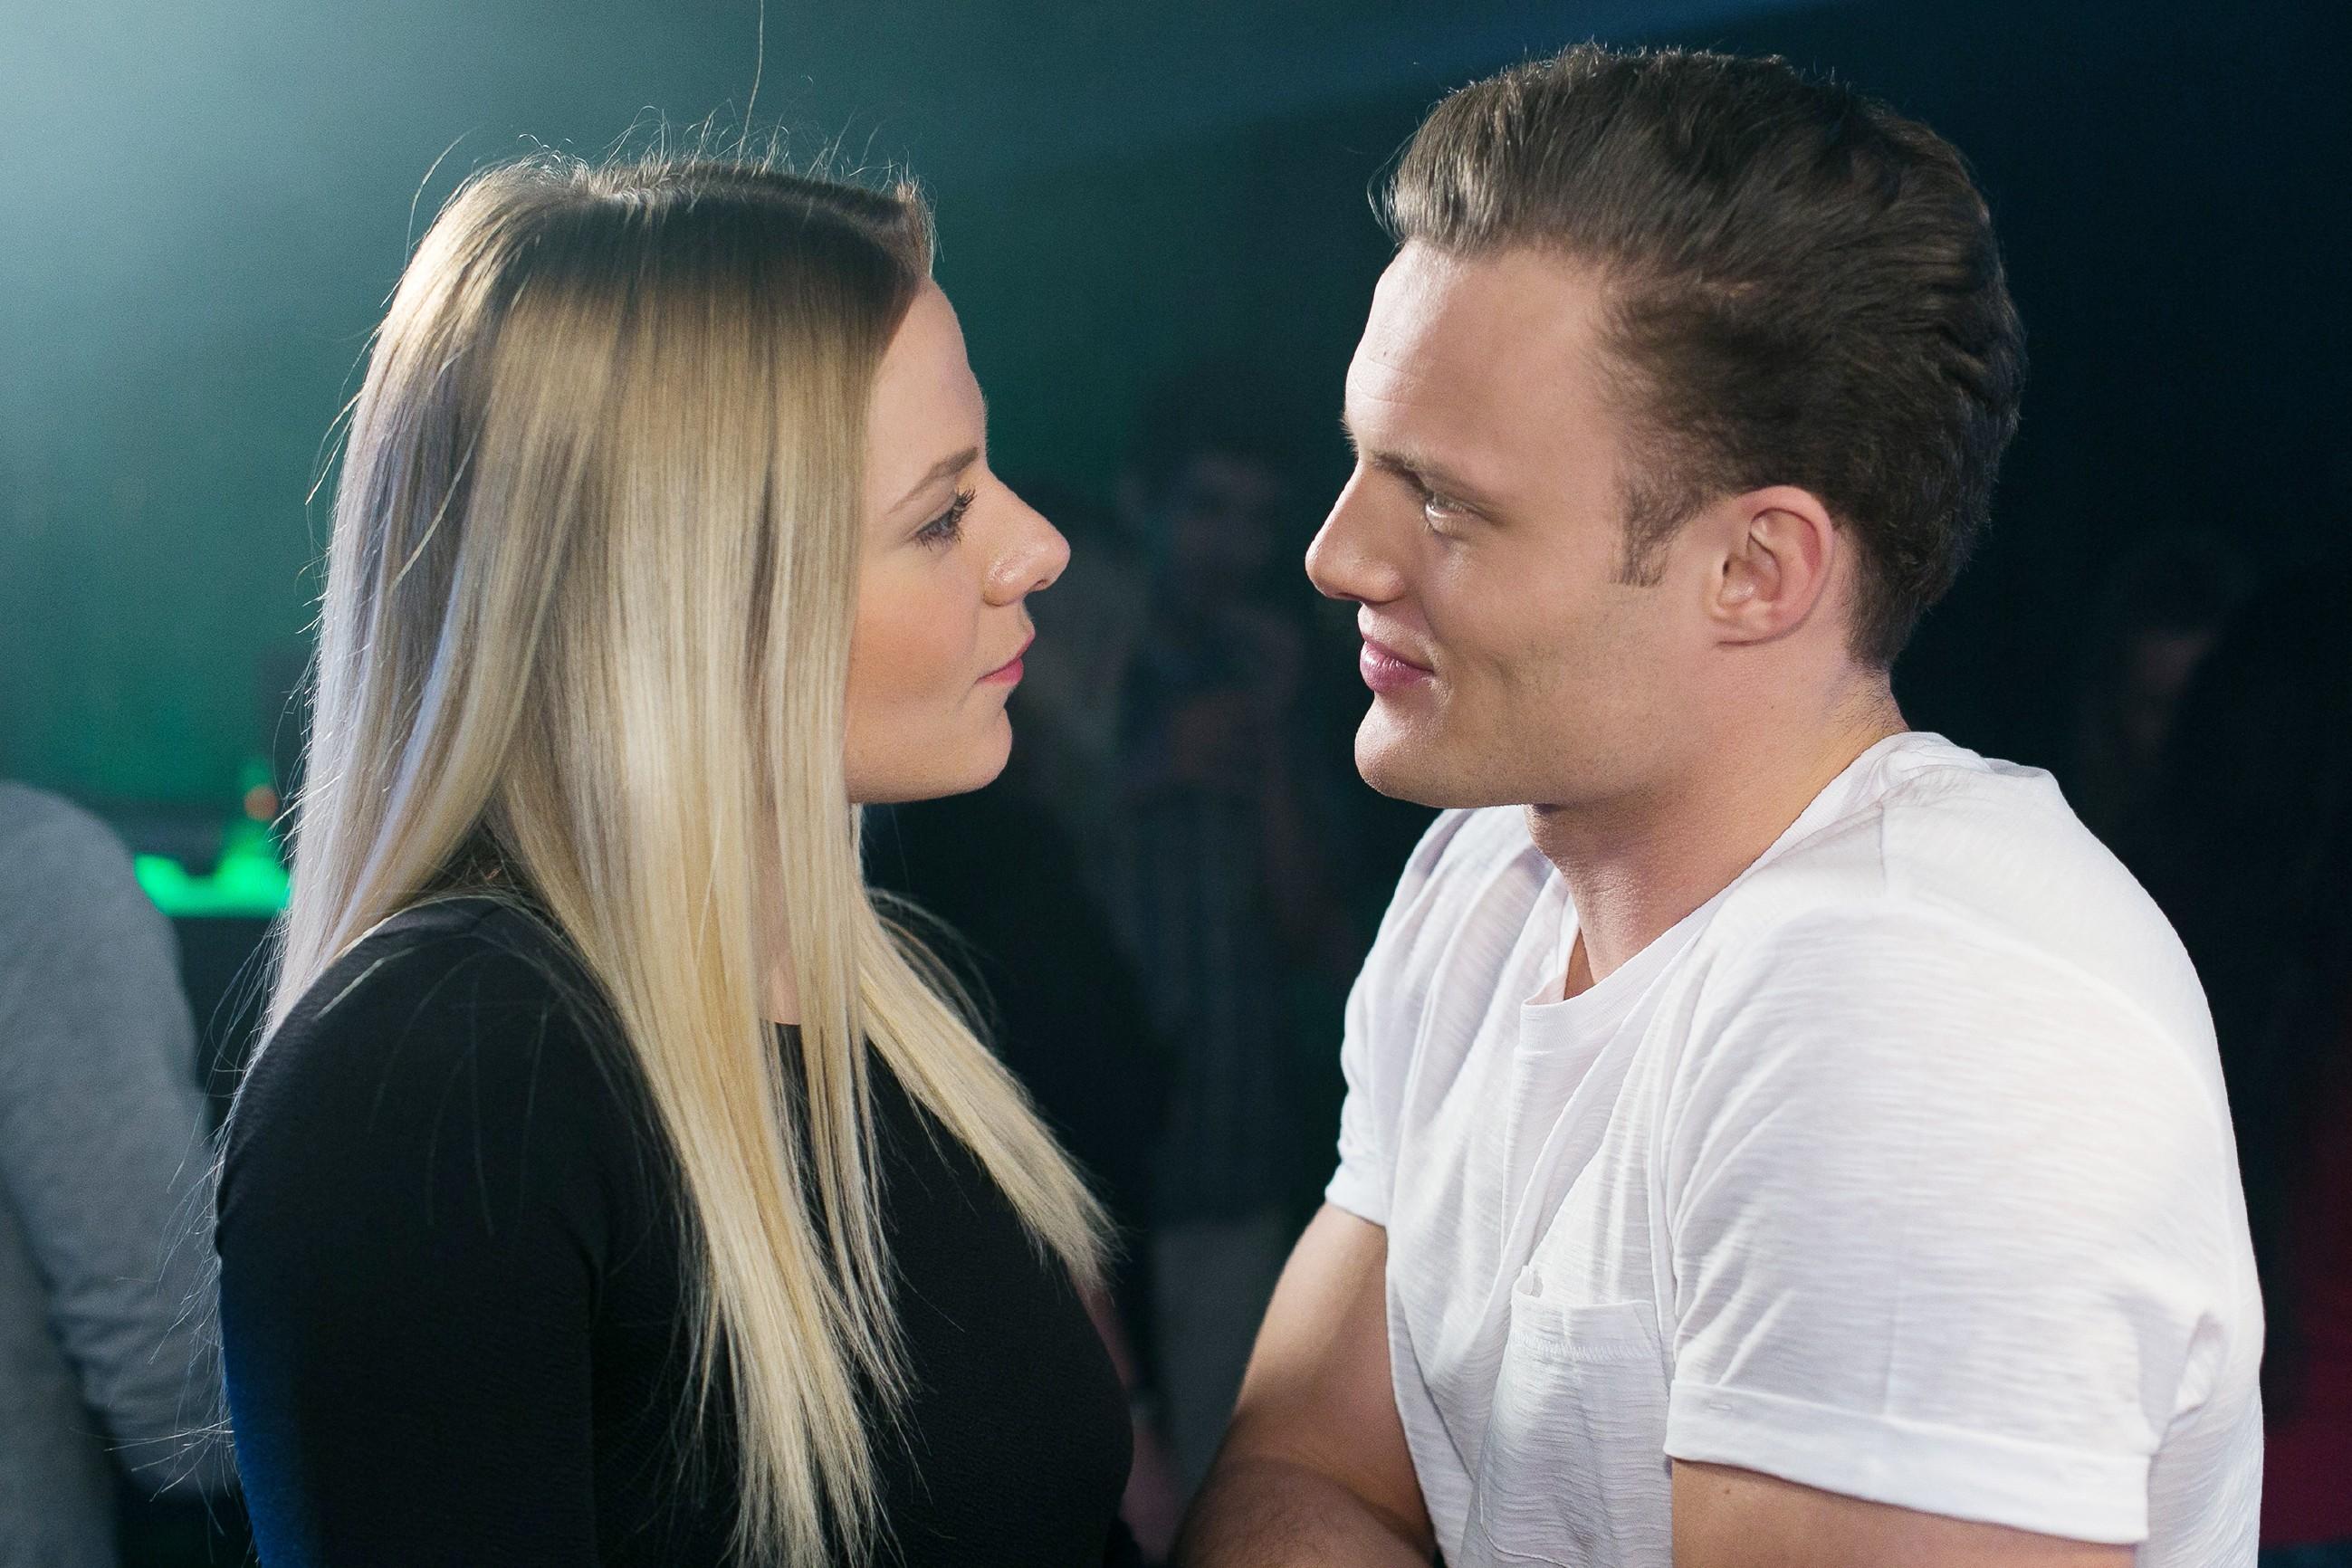 Beim Aushelfen im 'A40' spüren Marie (Cheyenne Pahde) und Tim (Robert Maaser) die gegenseitige Anziehung und am Ende der Nacht gibt Marie ihren Gefühlen für Tim nach... (Quelle: RTL / Kai Schulz)